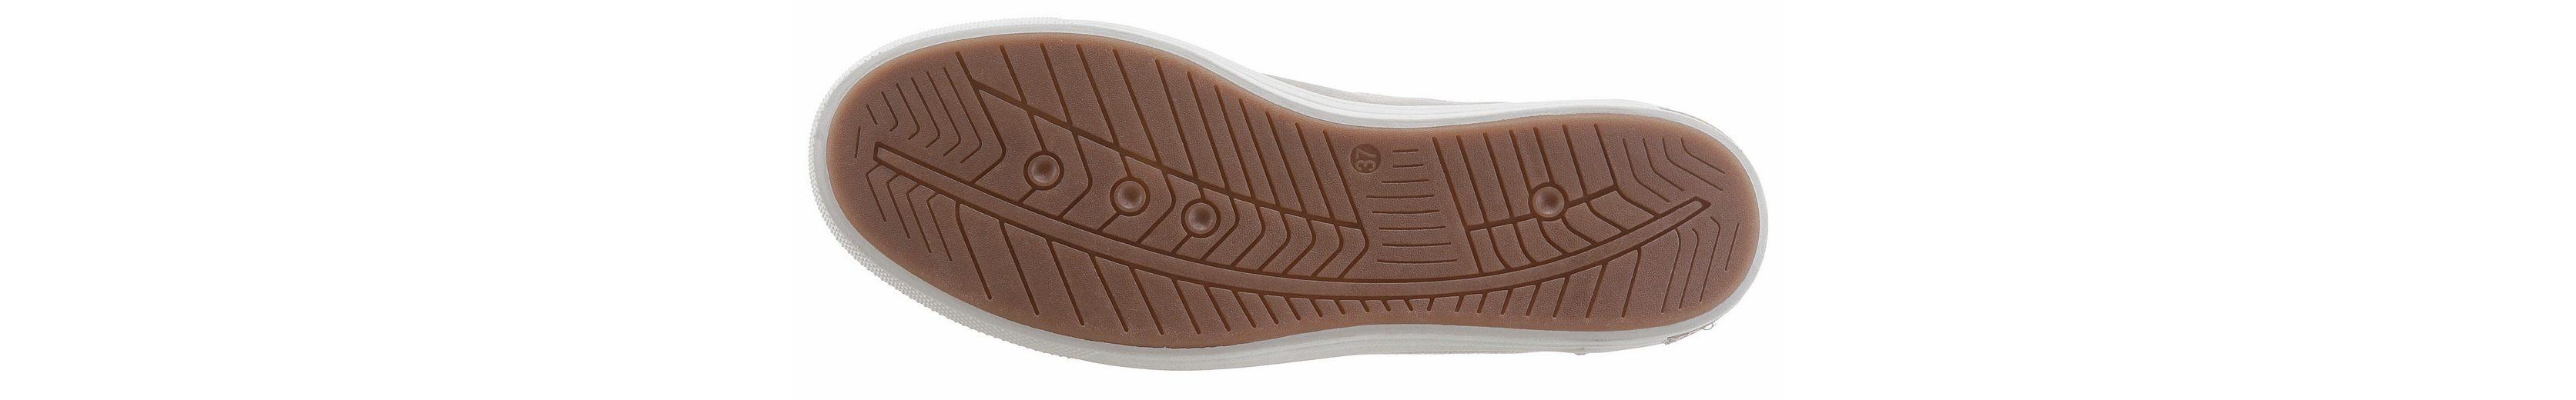 Tom Tailor Sneaker, mit Zierreißverschluss außen